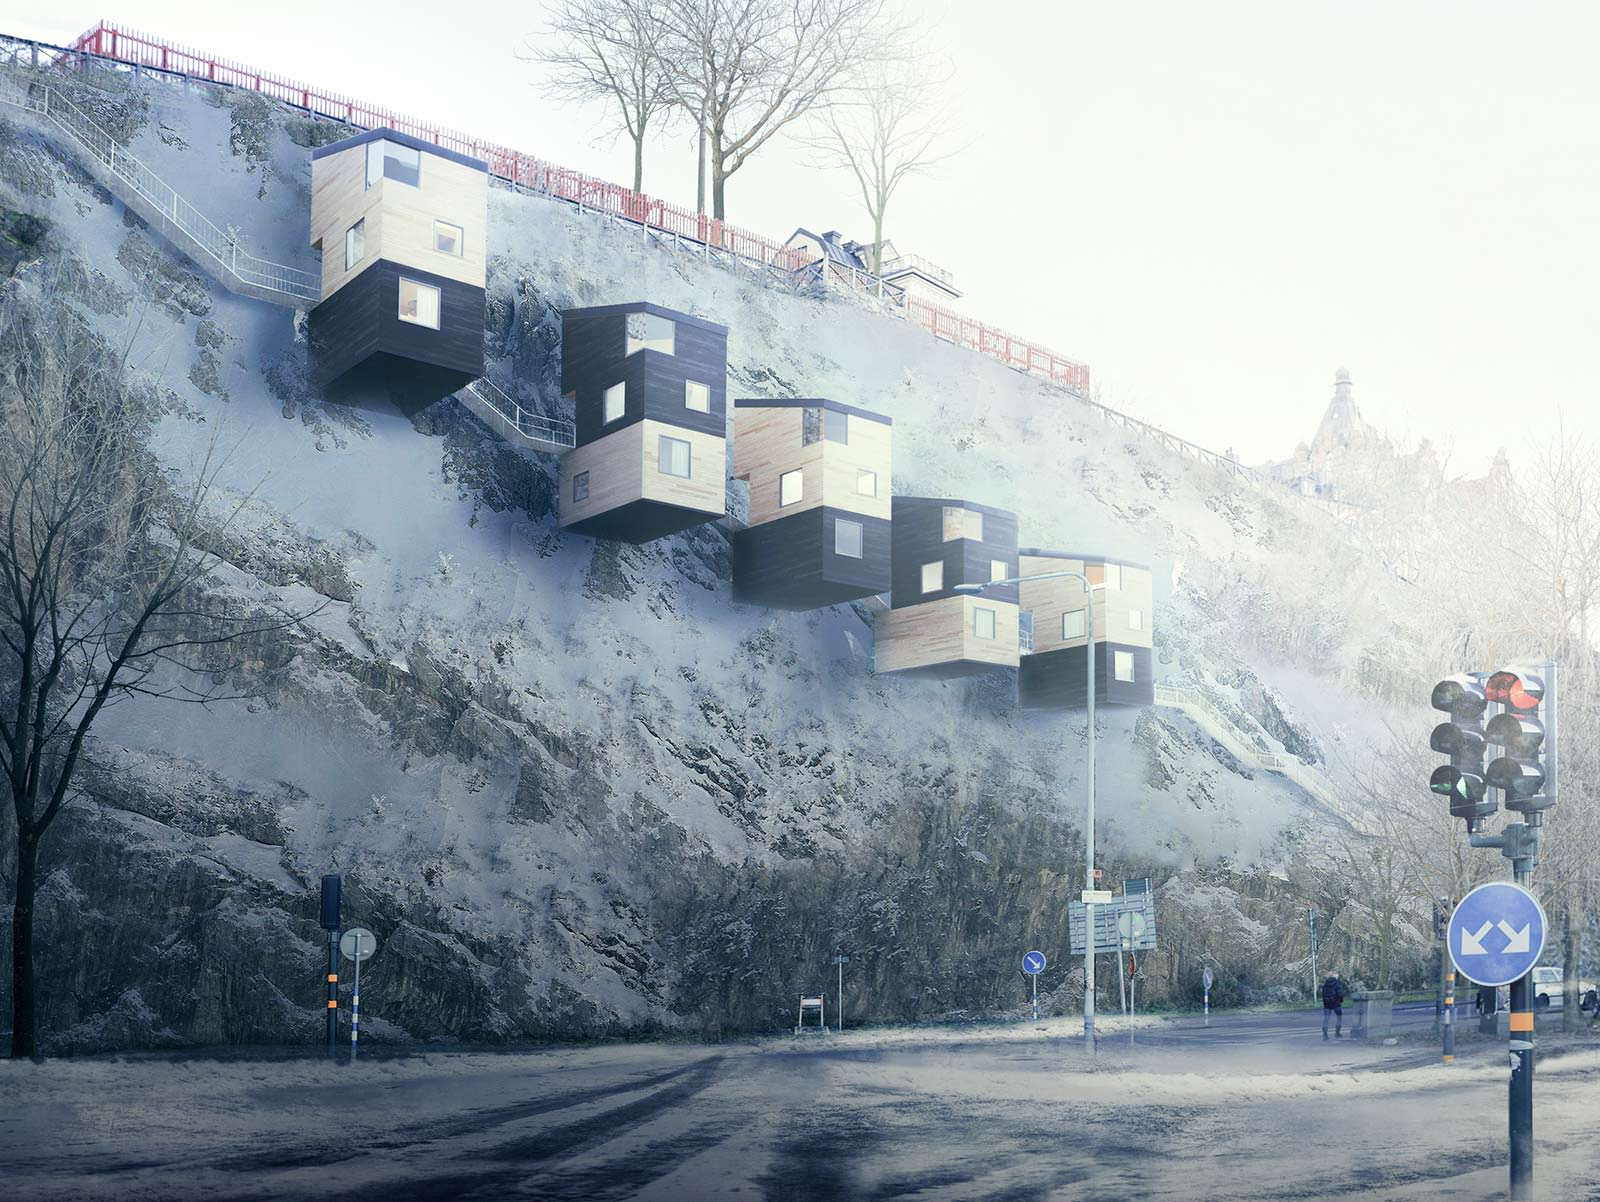 Трёхэтажные модульные дома-скворечники на скале Nestinbox